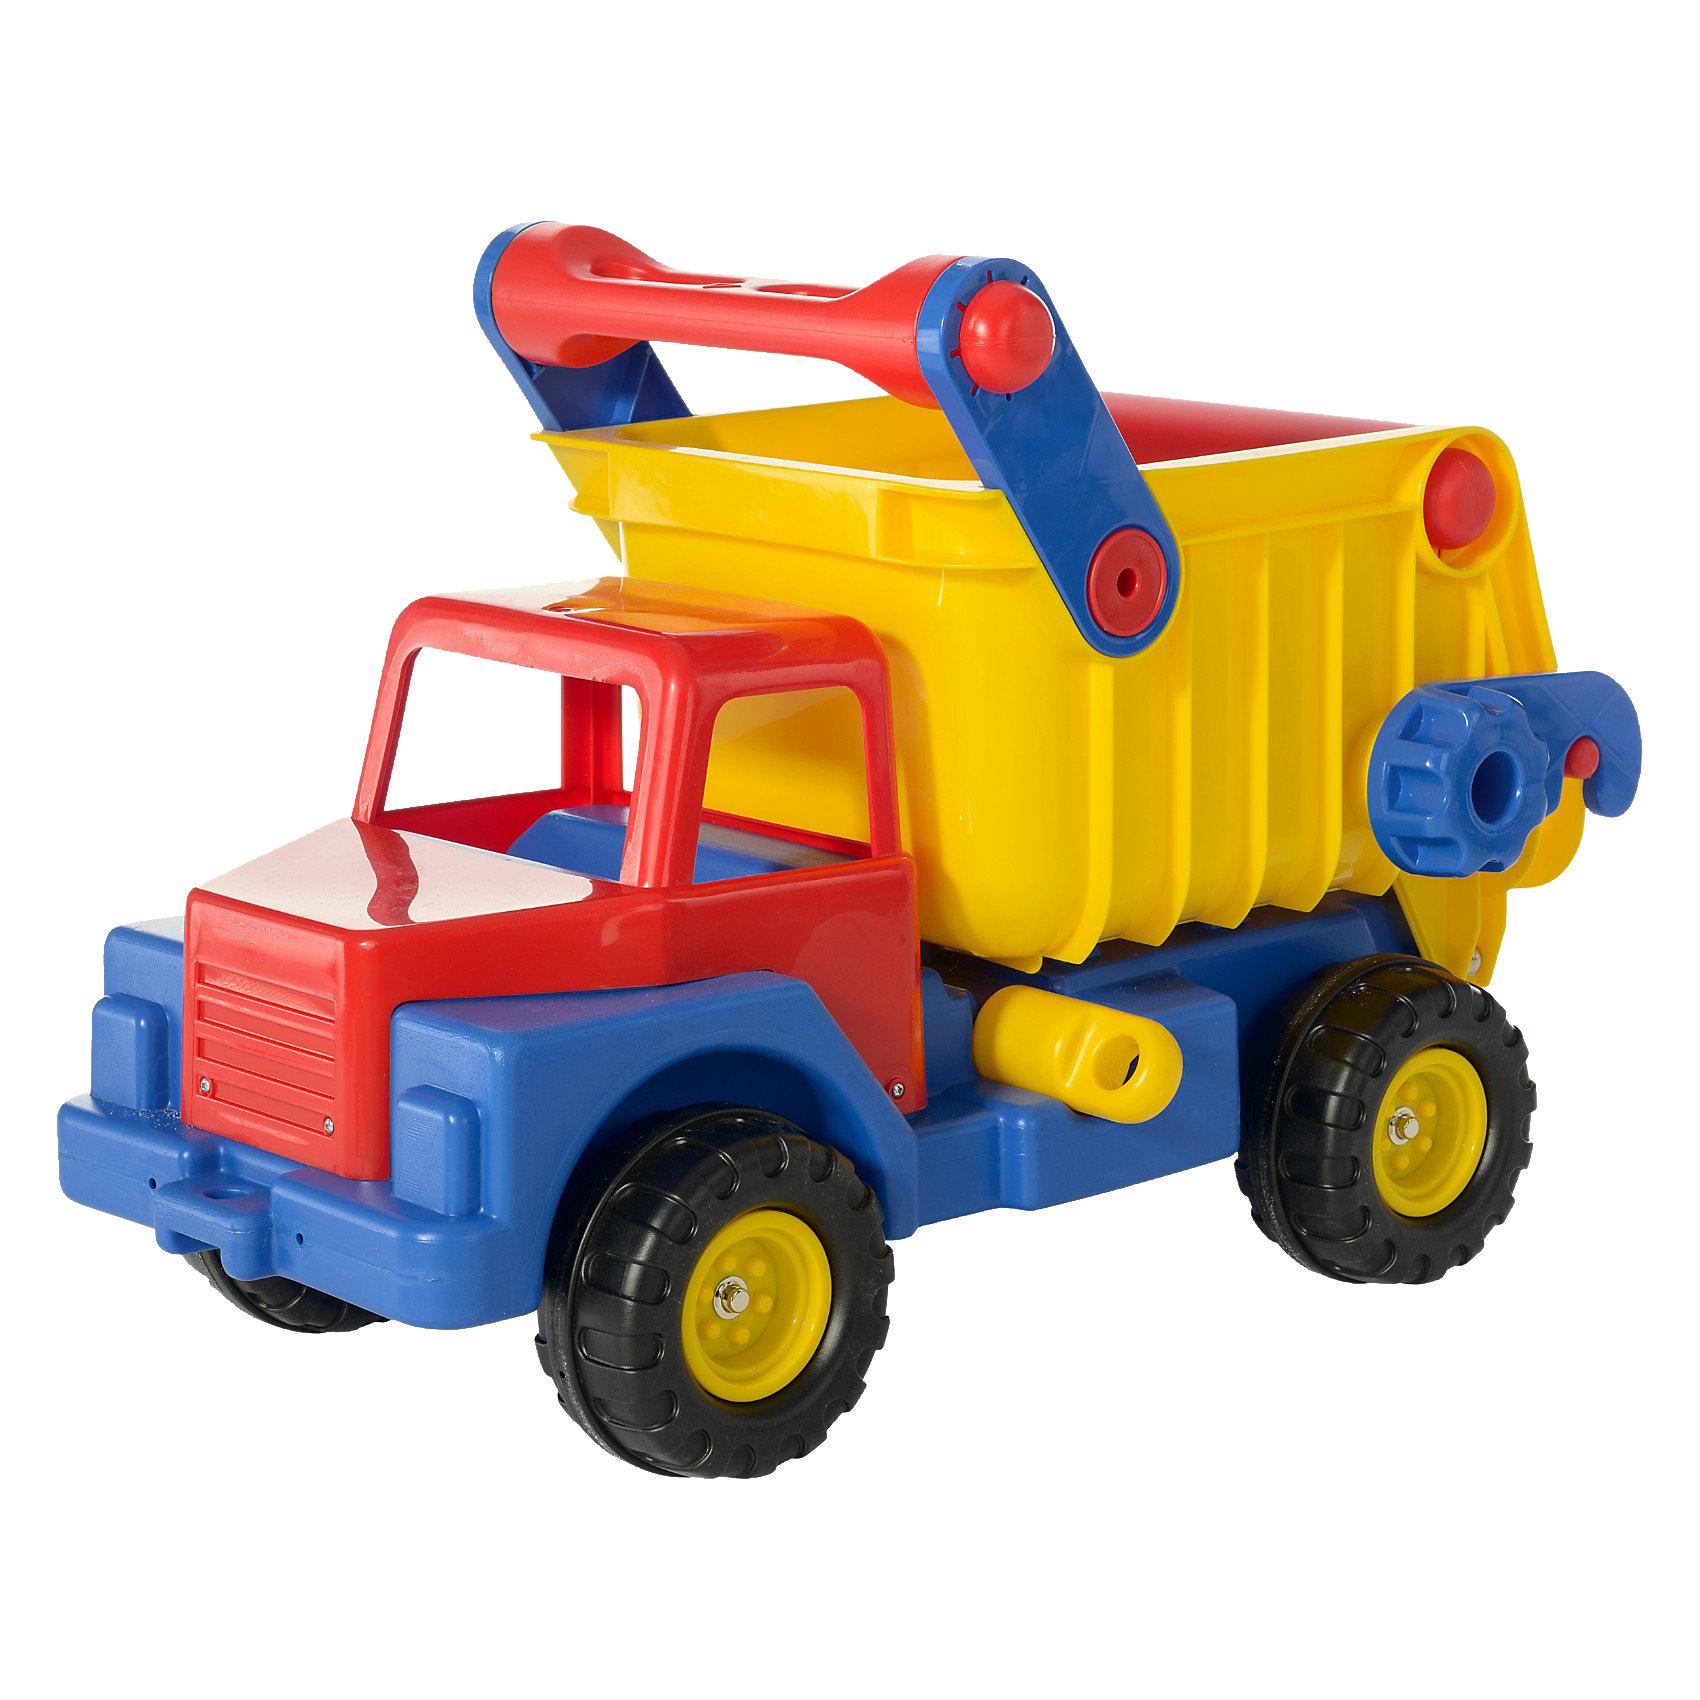 Автомобиль-самосвал №1, ПолесьеИграем в песочнице<br>Для многих детей, а особенно для мальчиков, важно наличие разнообразных машинок в арсенале игрушек. Они позволяют познакомиться с разными видами транспортных средств, понять, как они устроены. Для некоторых малышей любовь к автомобилям определяет дальнейшую профессию, формирует установки на будущее. Так как часто сценарии для игр с машинками имеют достаточно экстремальный характер, игрушечные автомобили часто получают повреждения и, в итоге, ломаются. Благодаря прочности материала, из которого изготавливаются автомобили компании «Полесье», любимые игрушки надолго остаются рядом с детьми! Автомобиль-самосвал №1 вместит много разных игрушек ребенка и пригодится в песочнице. Для разгрузки самосвала нужно вытащить задвижку между кузовом и рамой, поднять кручок и поднять кузов. В процессе катания большого автомобиля ребенок развивает координацию движений, пространственное мышление и, конечно же, получает массу удовольствия.<br><br>Ширина мм: 750<br>Глубина мм: 545<br>Высота мм: 450<br>Вес г: 7120<br>Возраст от месяцев: 12<br>Возраст до месяцев: 48<br>Пол: Мужской<br>Возраст: Детский<br>SKU: 1456278